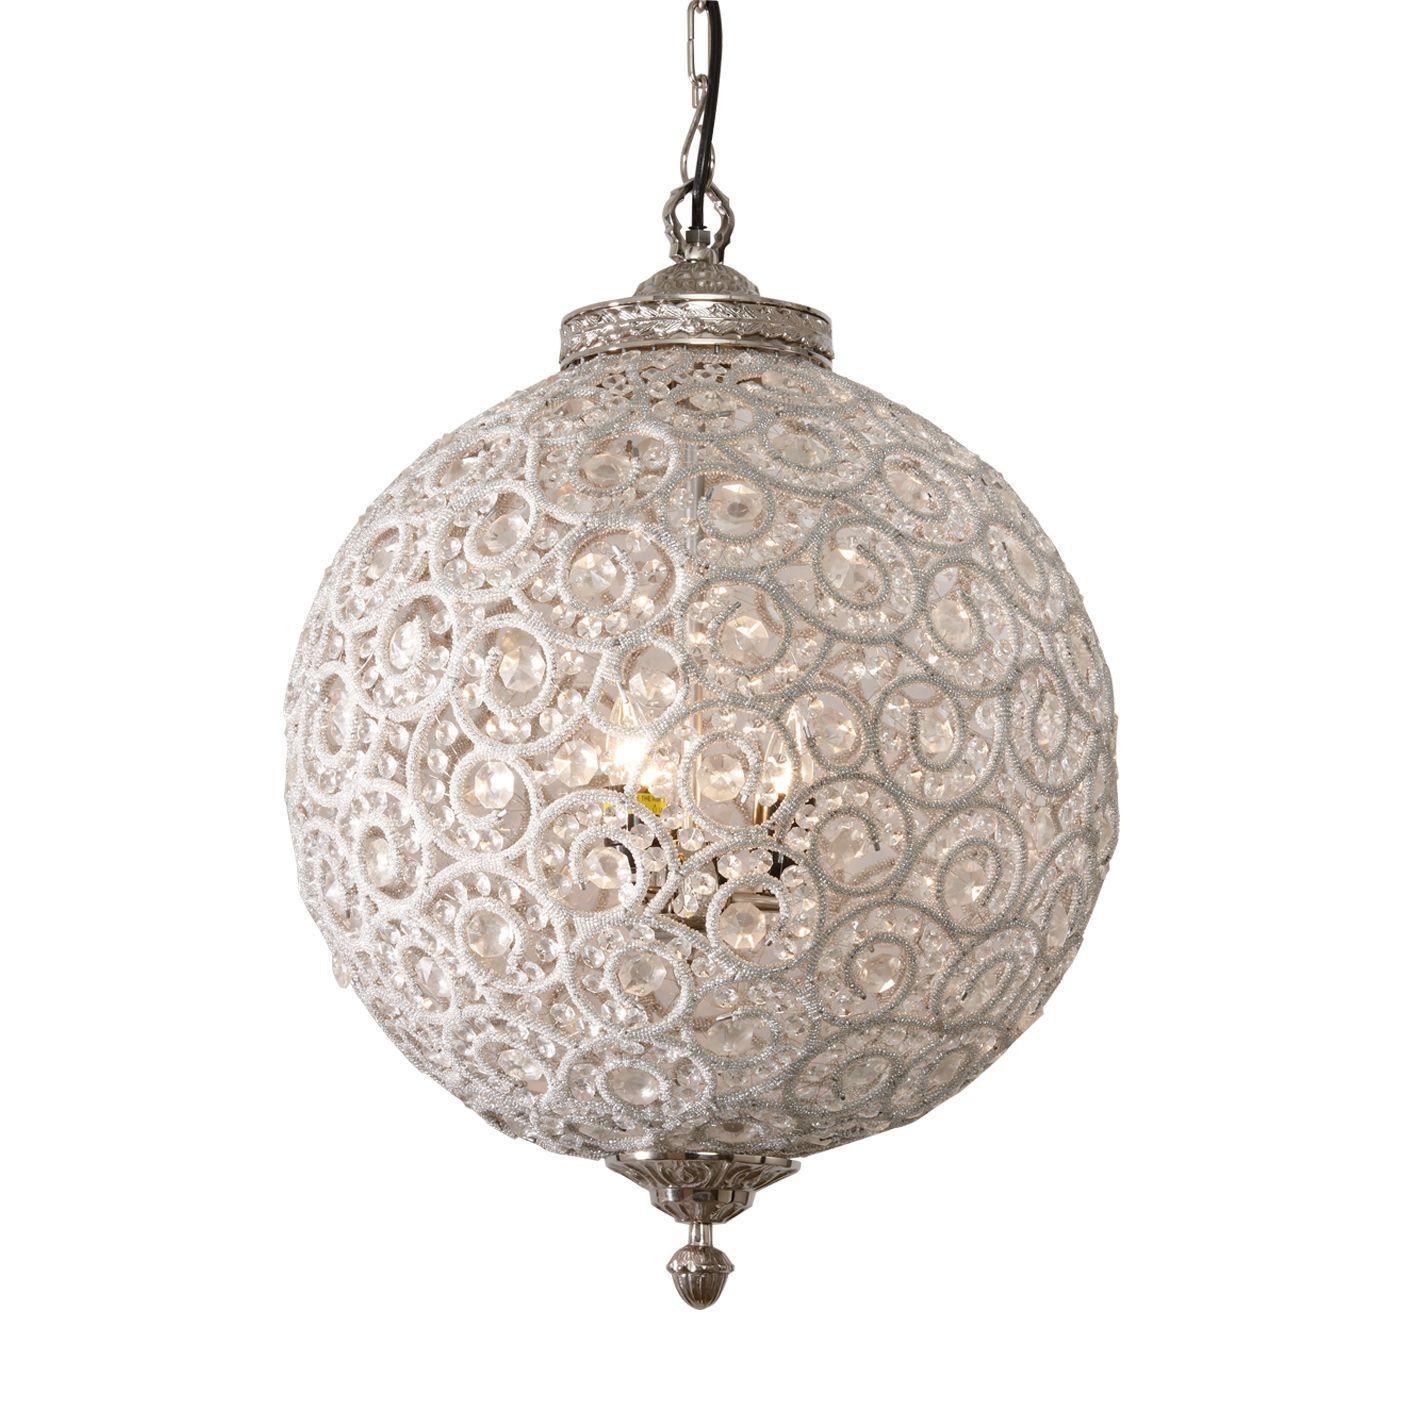 Flowered Ball Chandelier - Ethan Allen US | Lighting | Pinterest ... for Flower Shaped Chandelier  575cpg